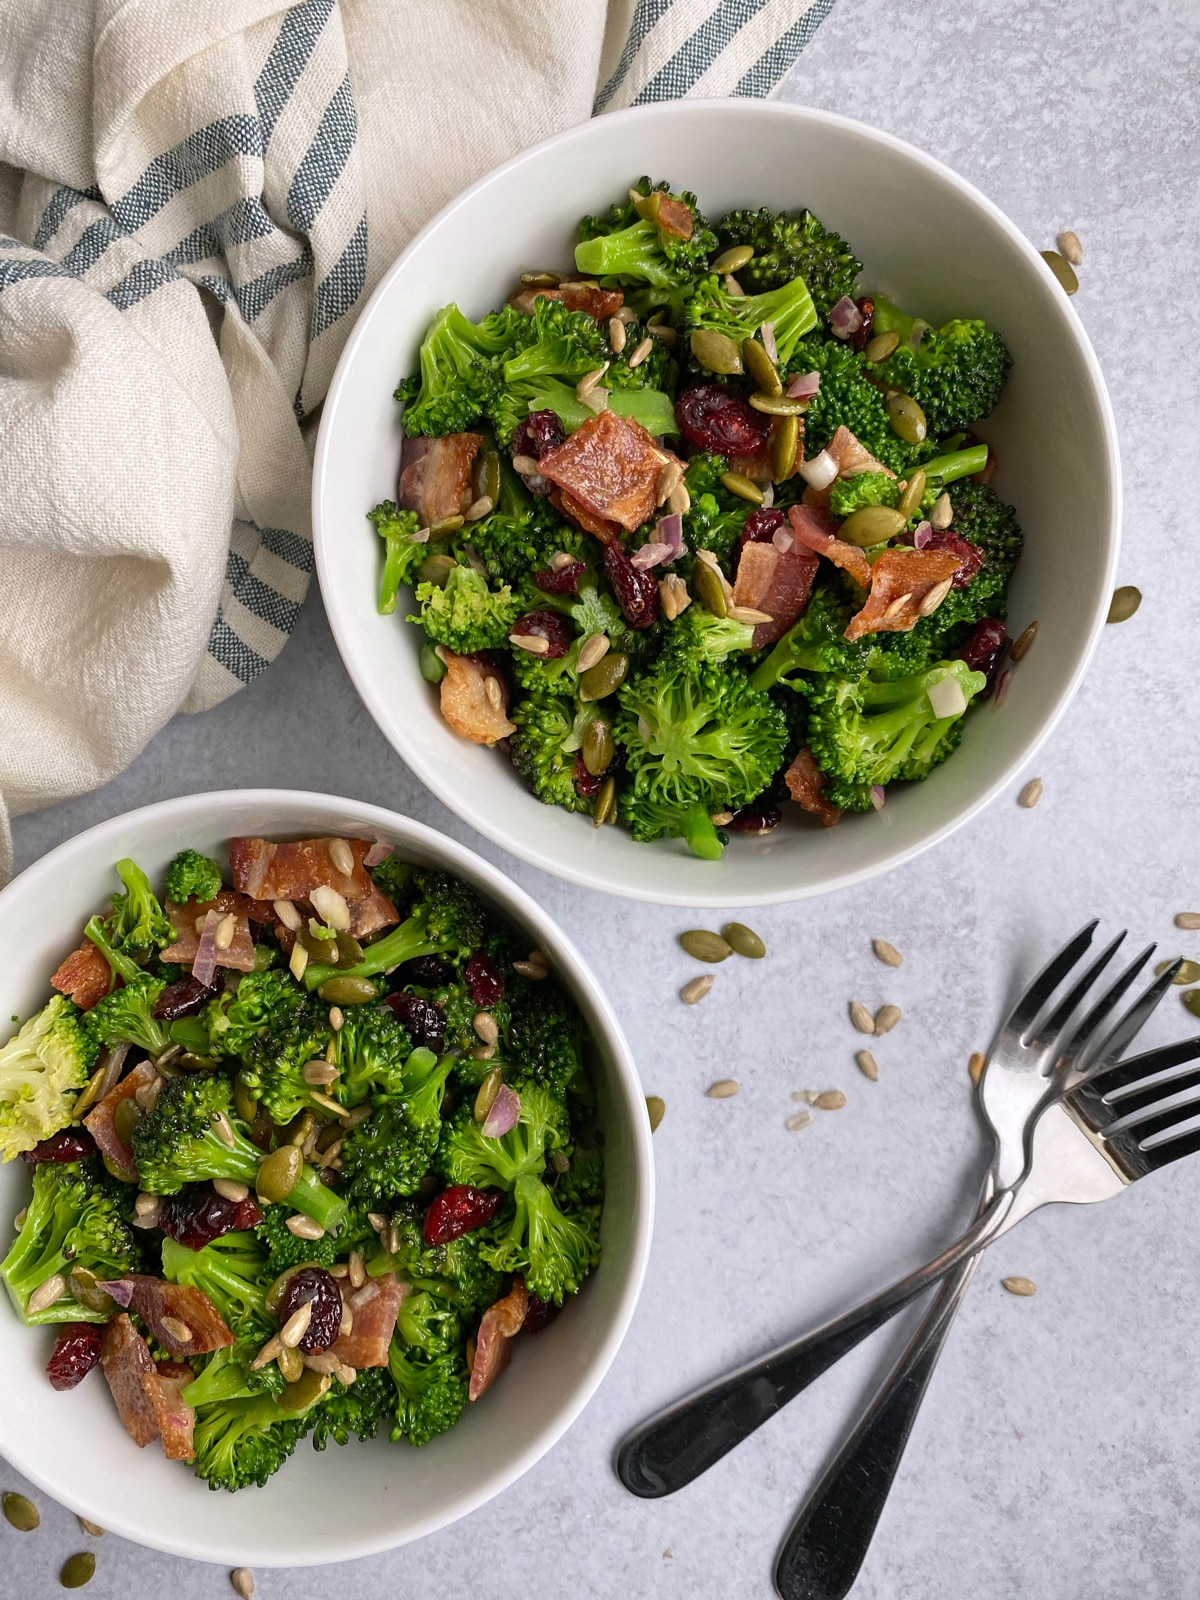 healthy-broccoli-salad-recipe